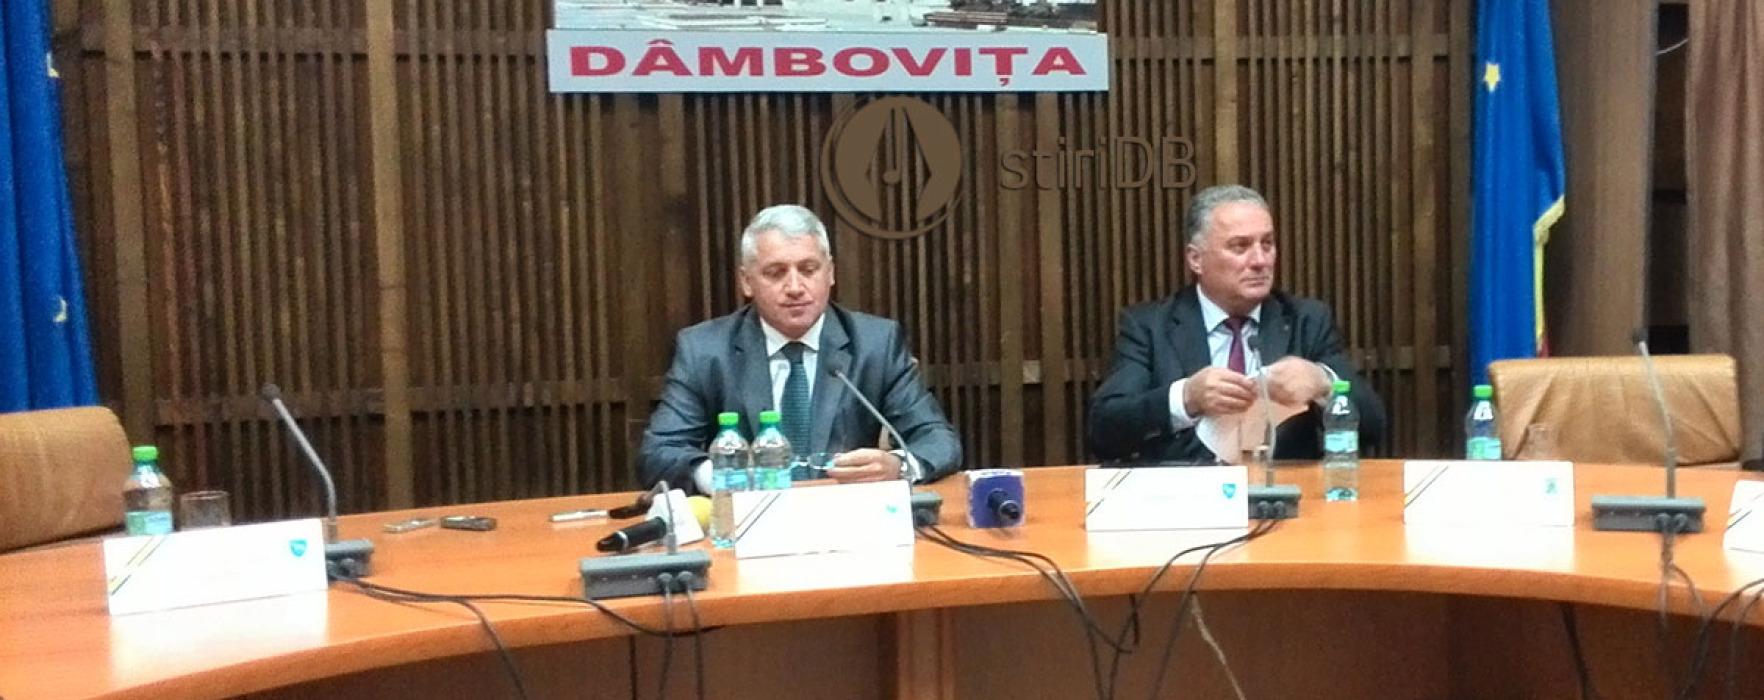 ACL a renunţat la schimbarea vicepreşedintelui PSD din CJ Dâmboviţa